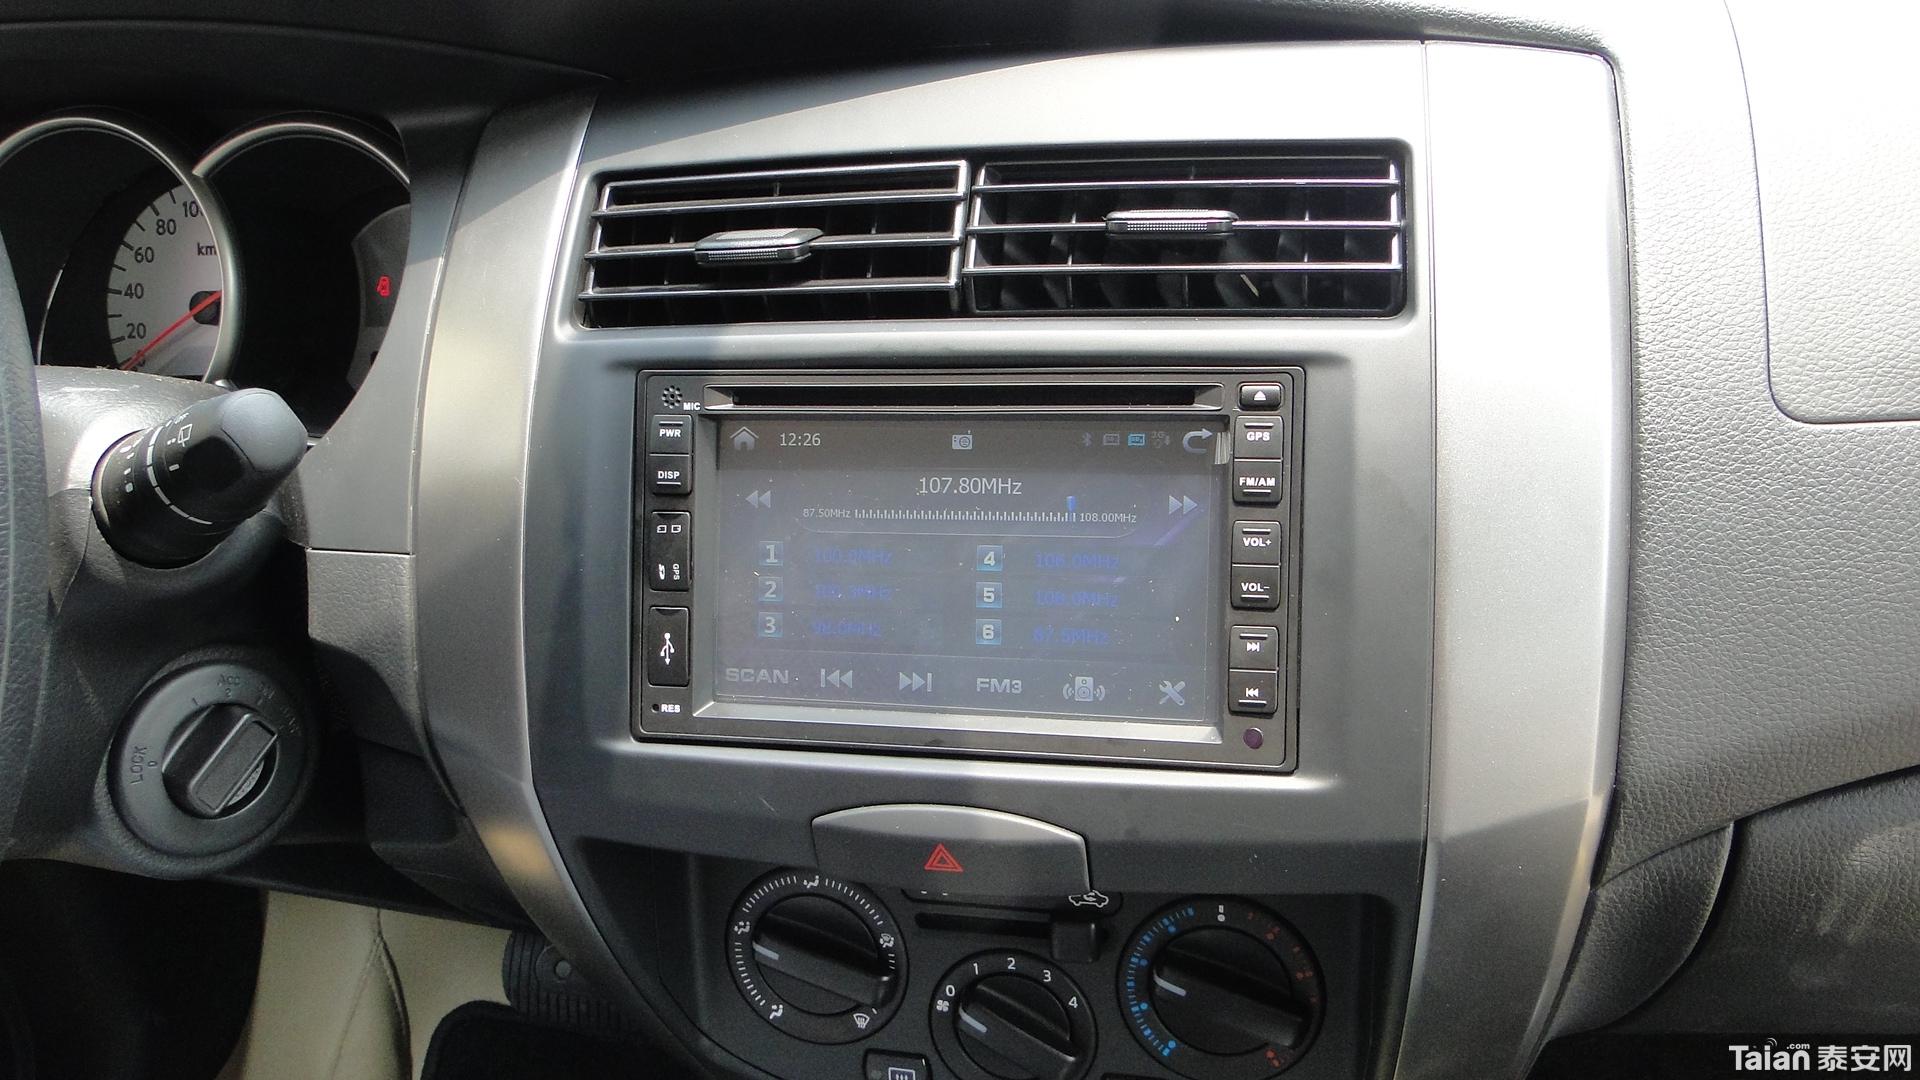 日产骊威dvd导航一体机收音机界面 日高清图片